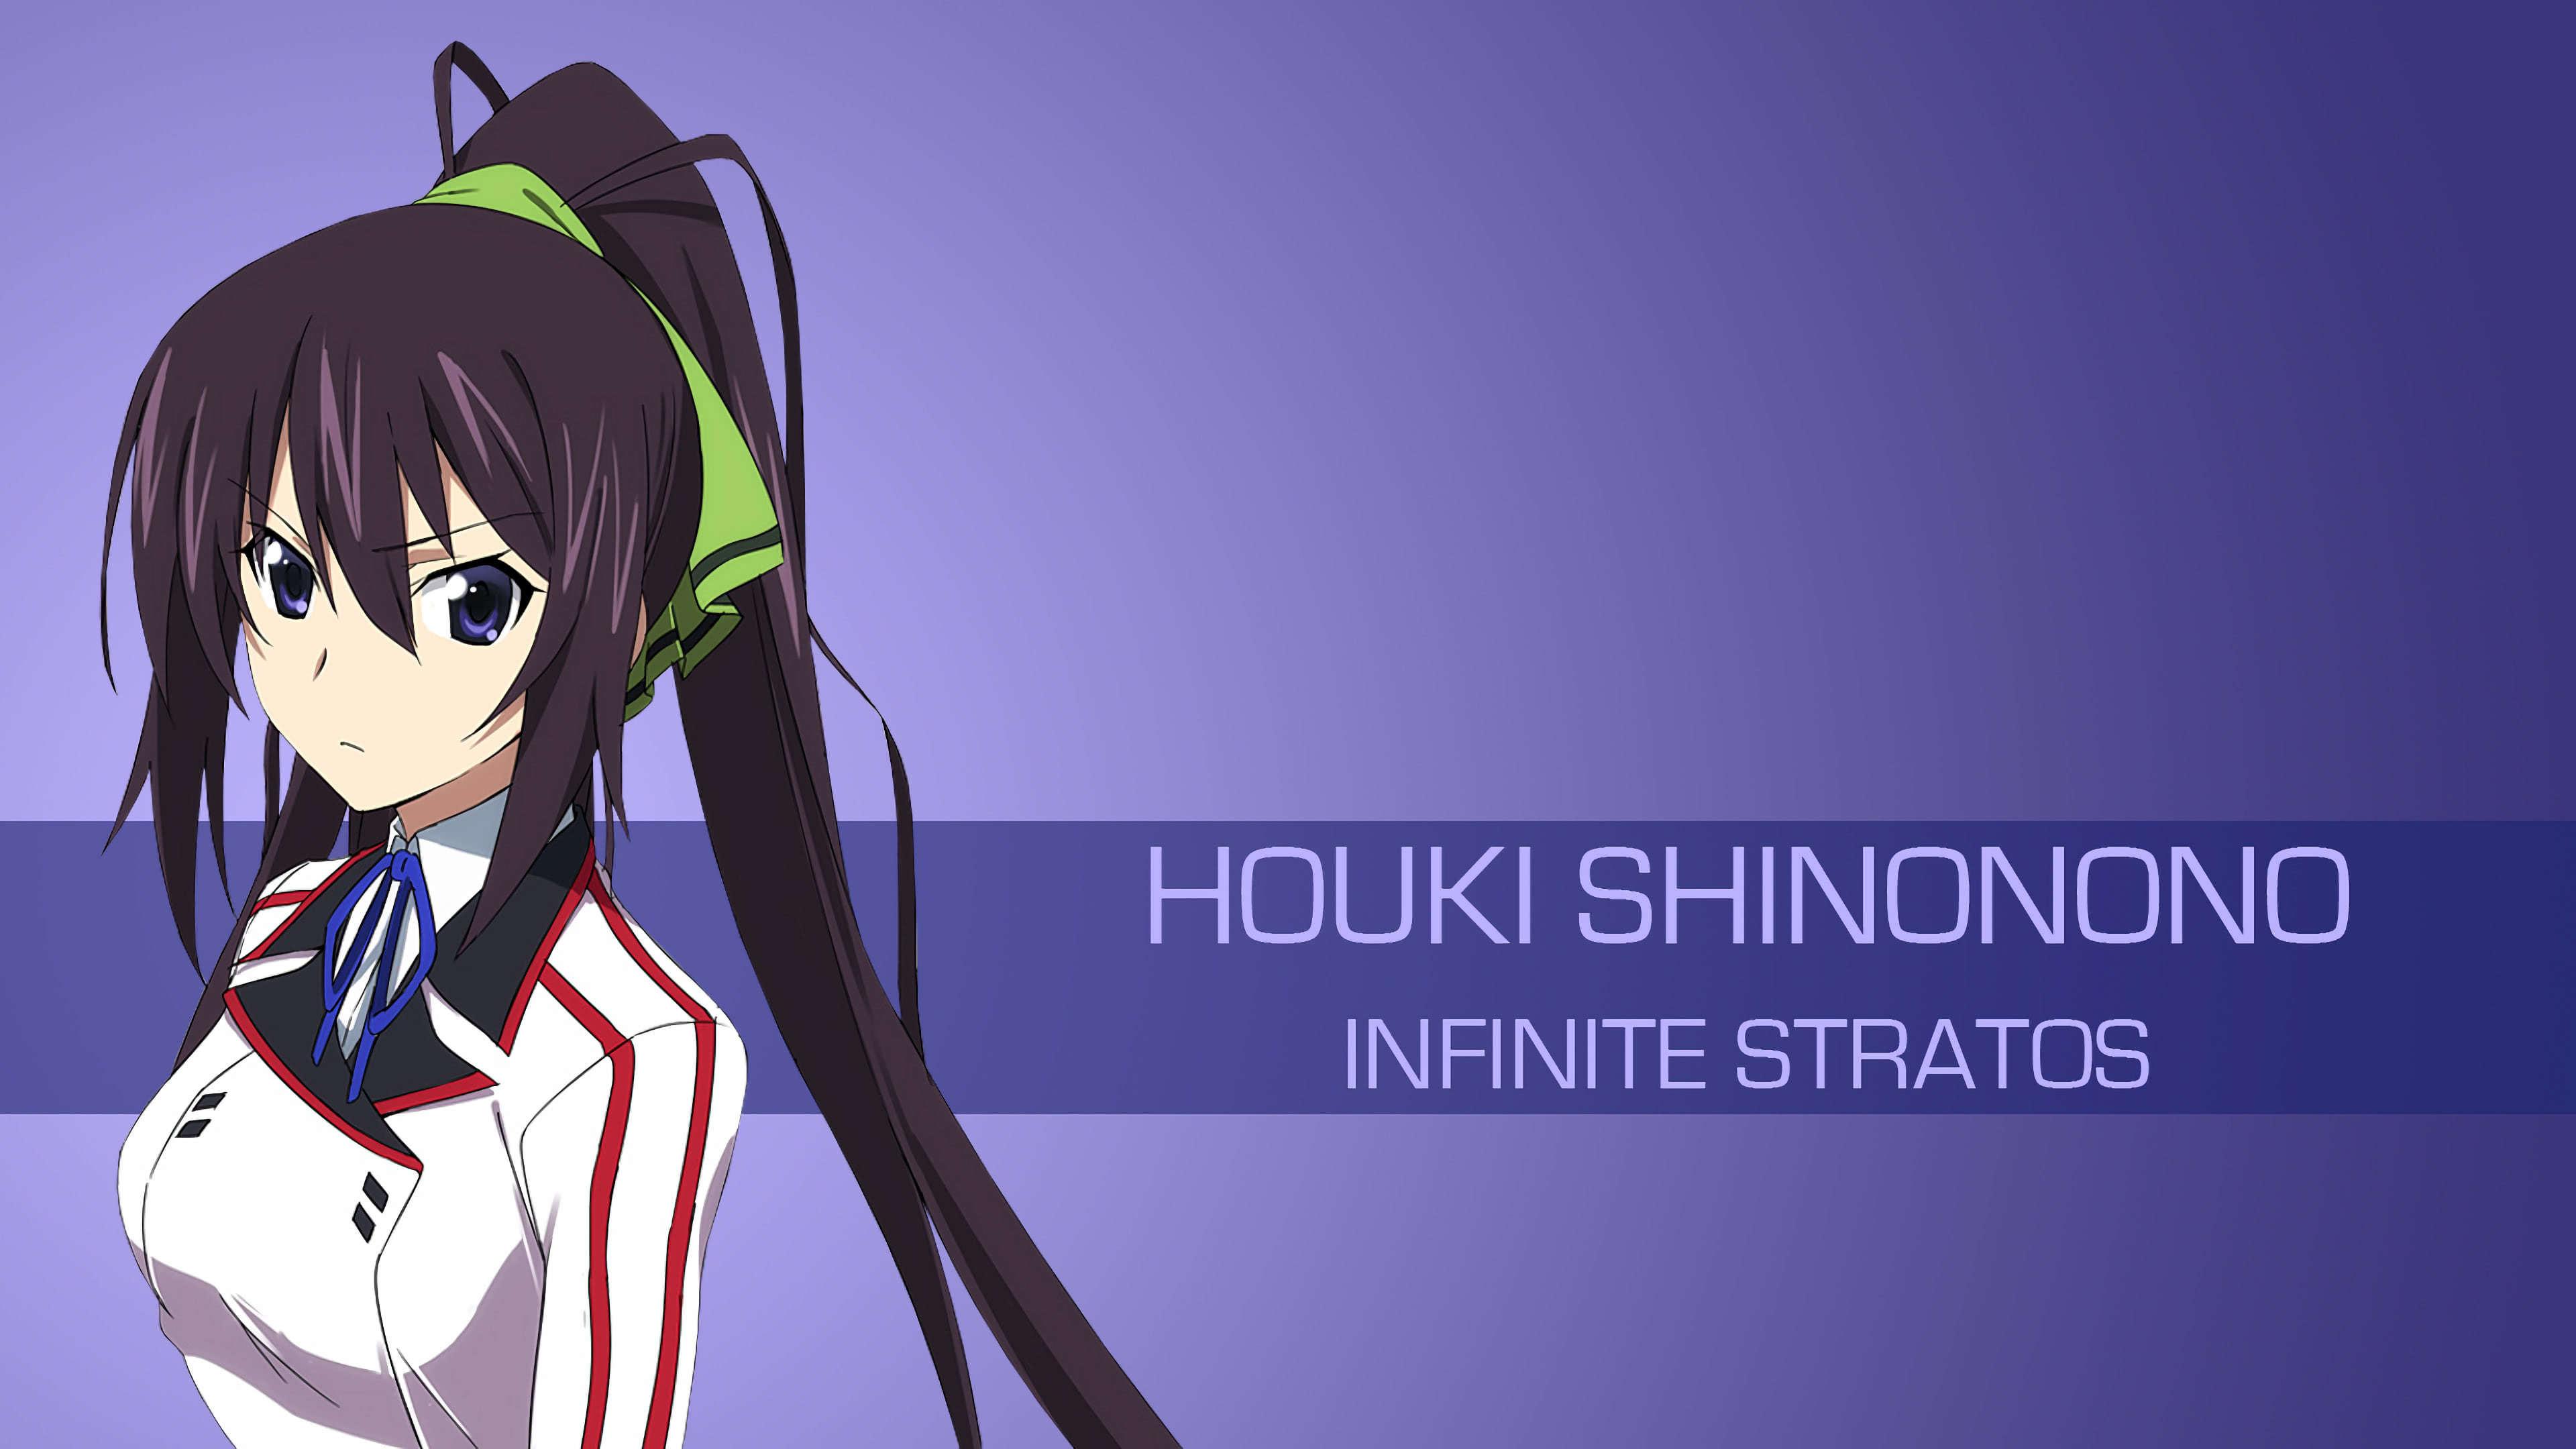 houki shinonono infinite stratos uhd 4k wallpaper